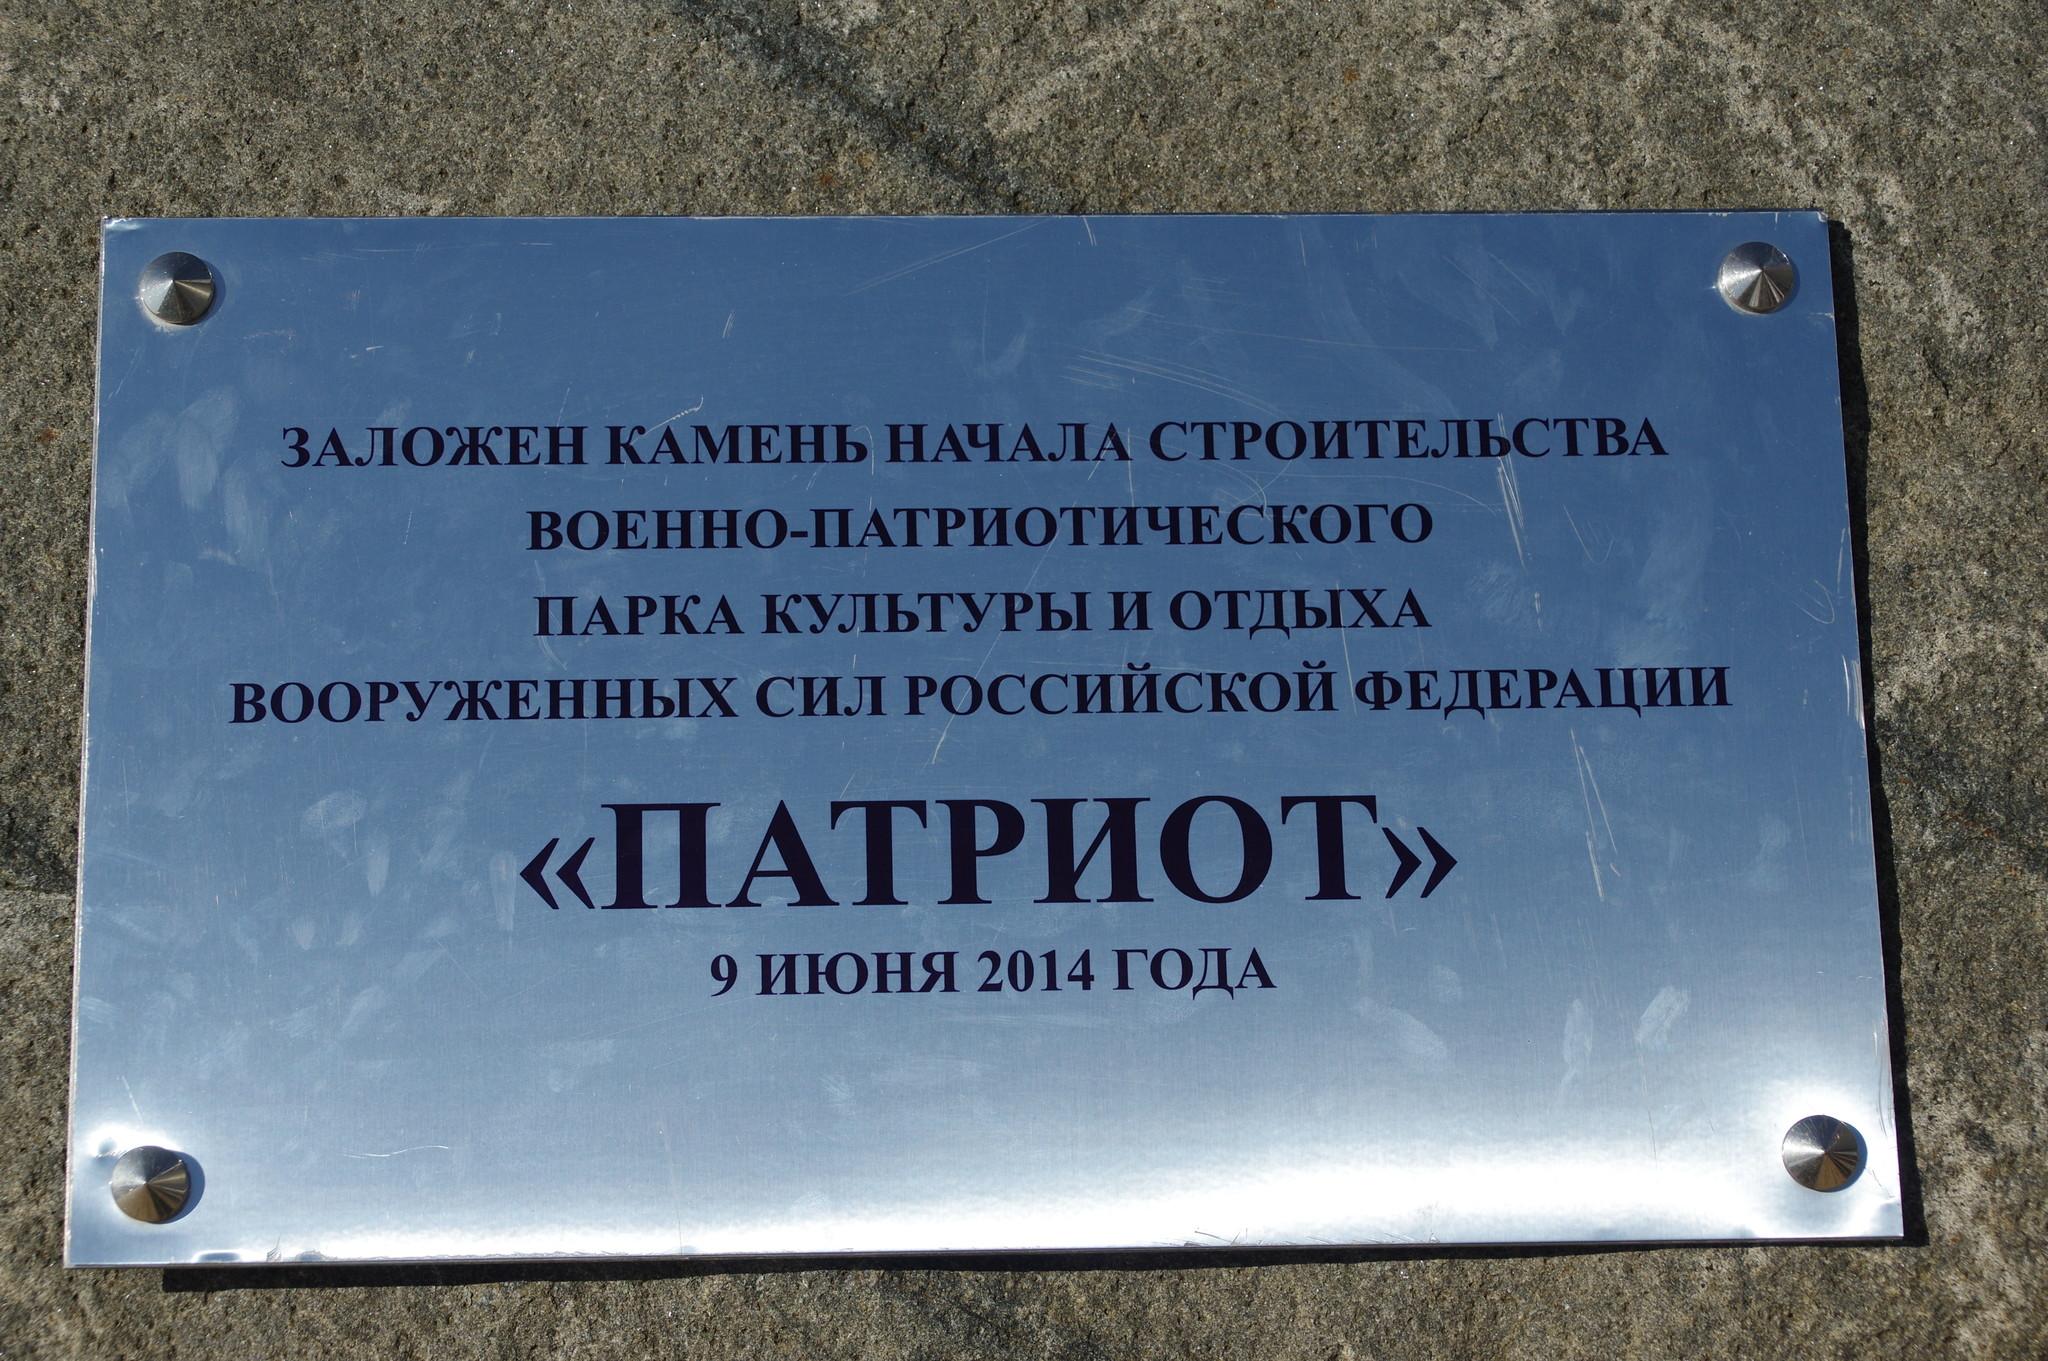 Первый камень начала строительства военно-патриотического парка культуры и отдыха Вооружённых Сил Российской Федерации «Патриот» заложен 9 июня 2014 года